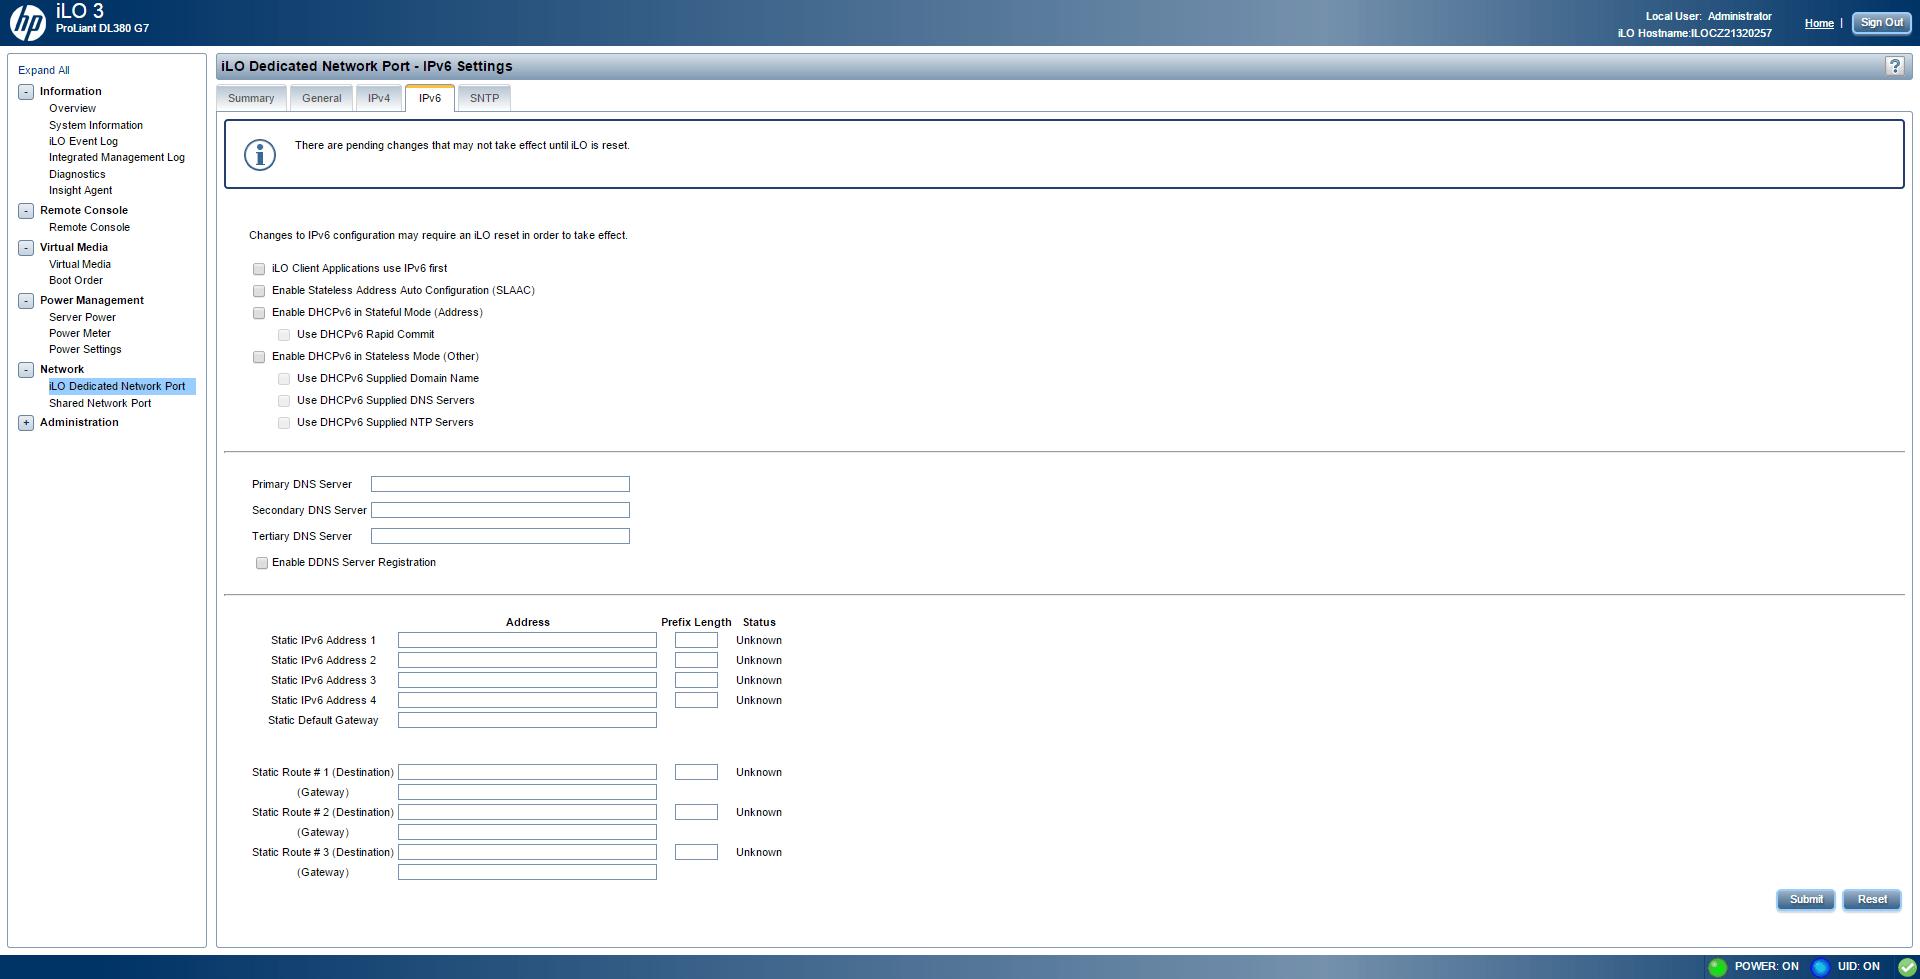 Обзор параметров ILO 3 в HP dl380 g7-21